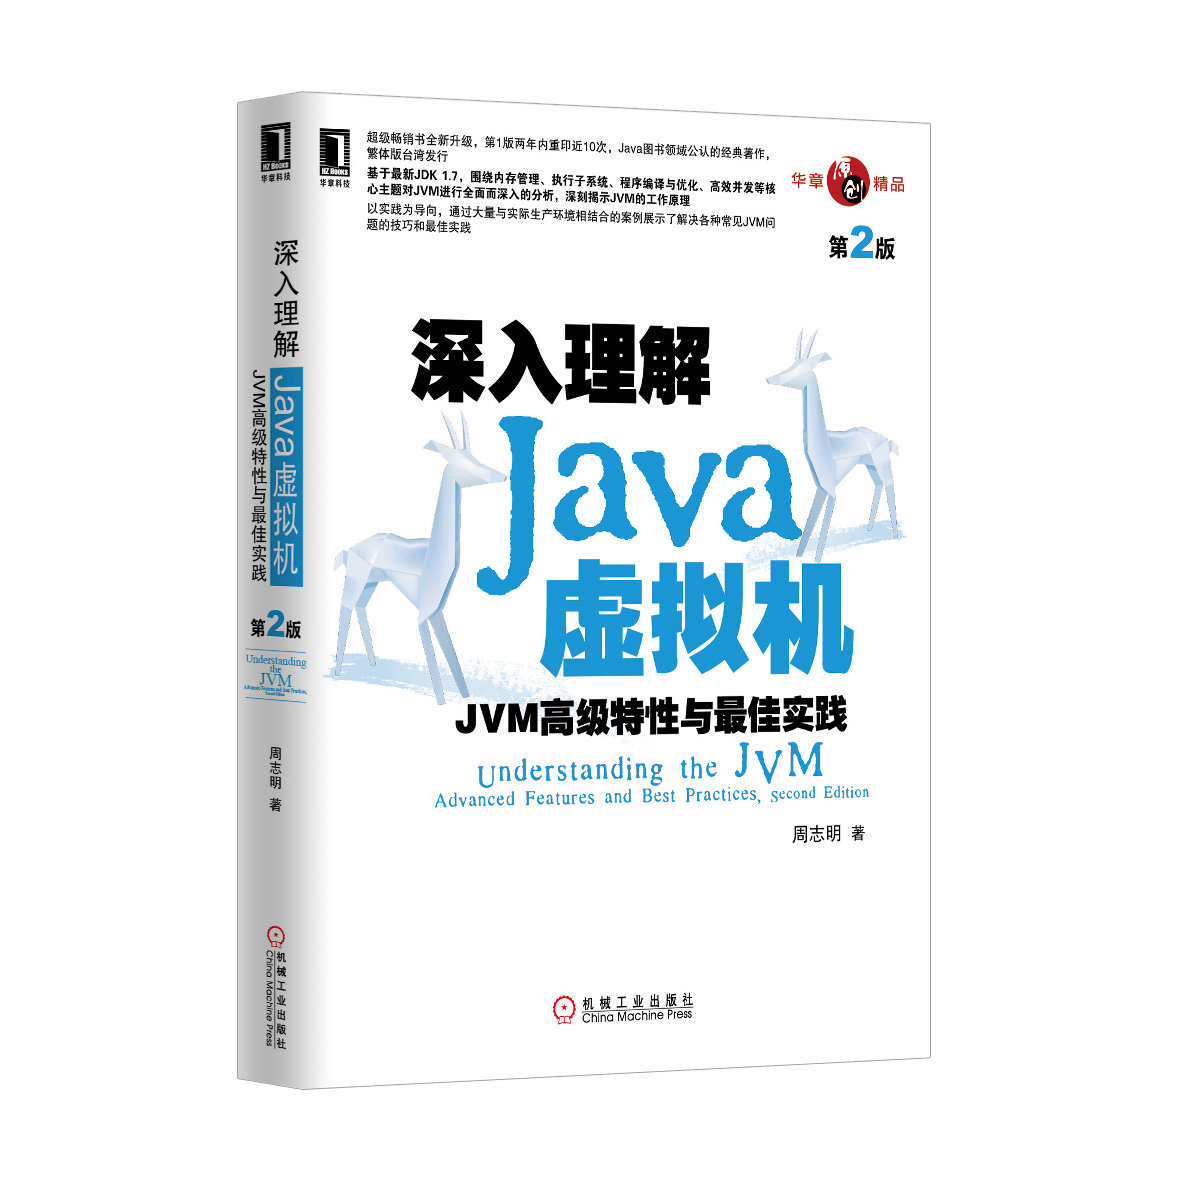 深入理解Java虚拟机:JVM高级特性与实践(第2版)